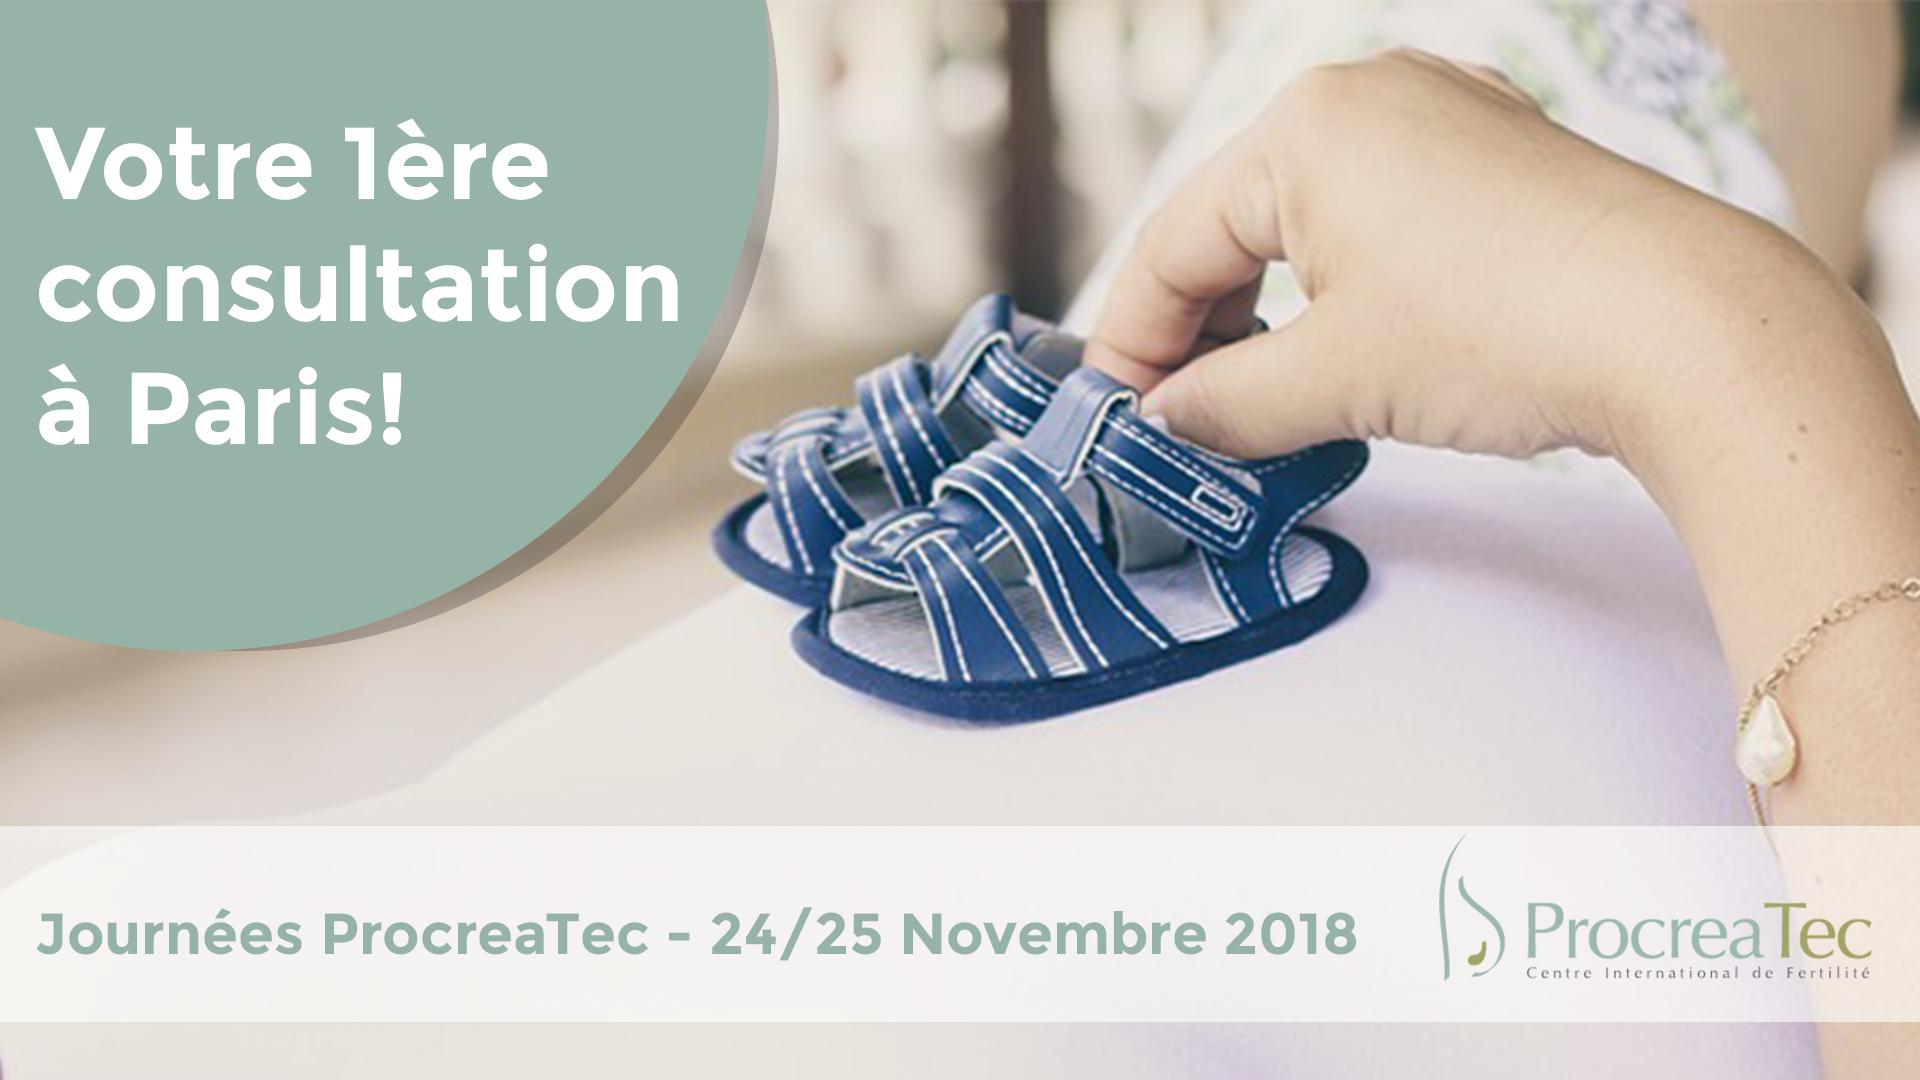 PROCREATEC A PARIS LES 24 ET 25 NOVEMBRE 2018